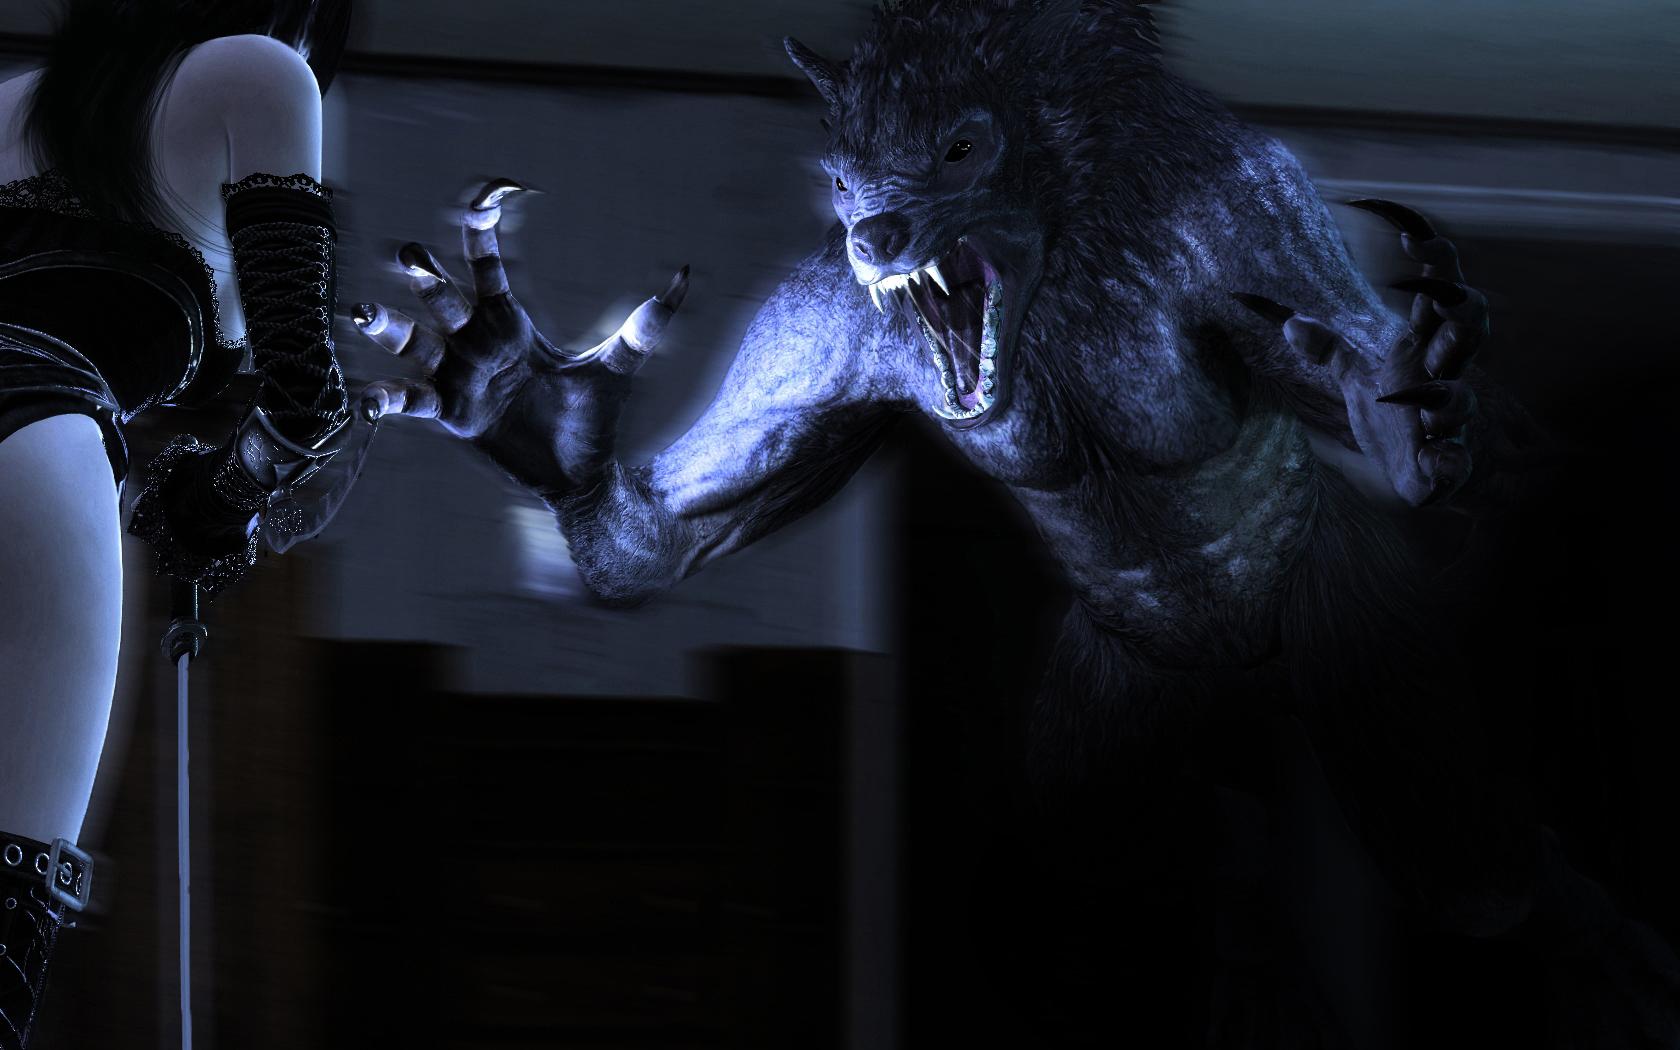 Werewolf vs vire by kosenkov